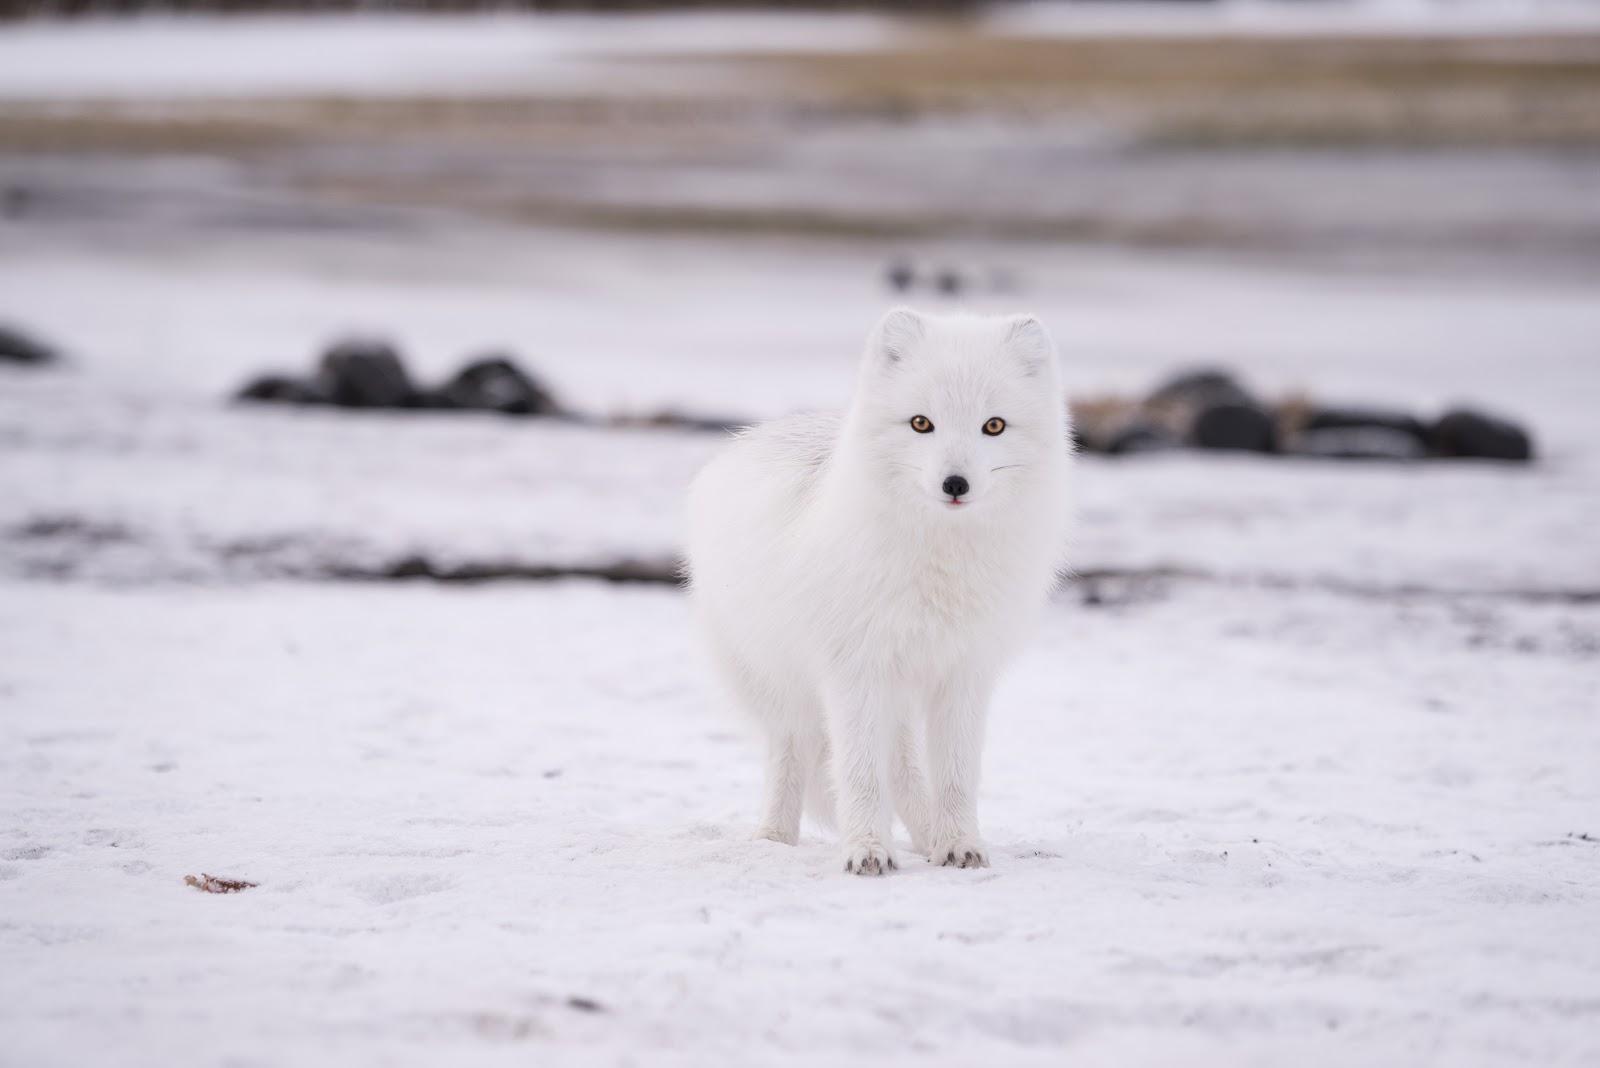 立ち止まった北極狐が少しだけ舌を出している